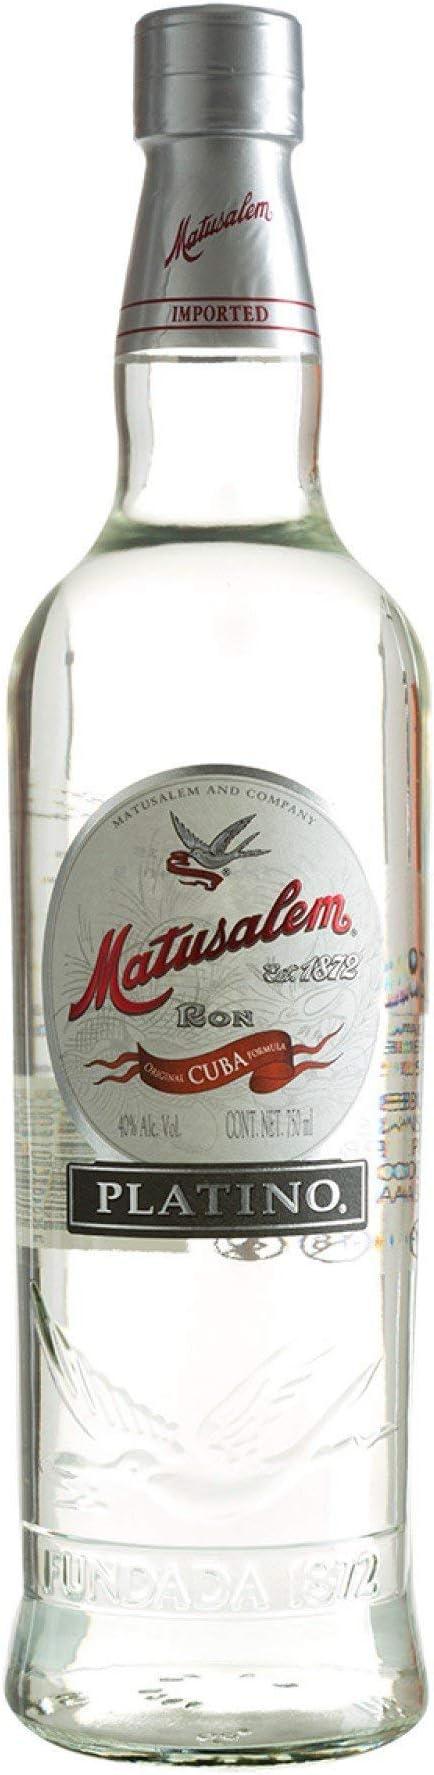 Ron - Matusalem Platino 70 cl: Amazon.es: Alimentación y bebidas